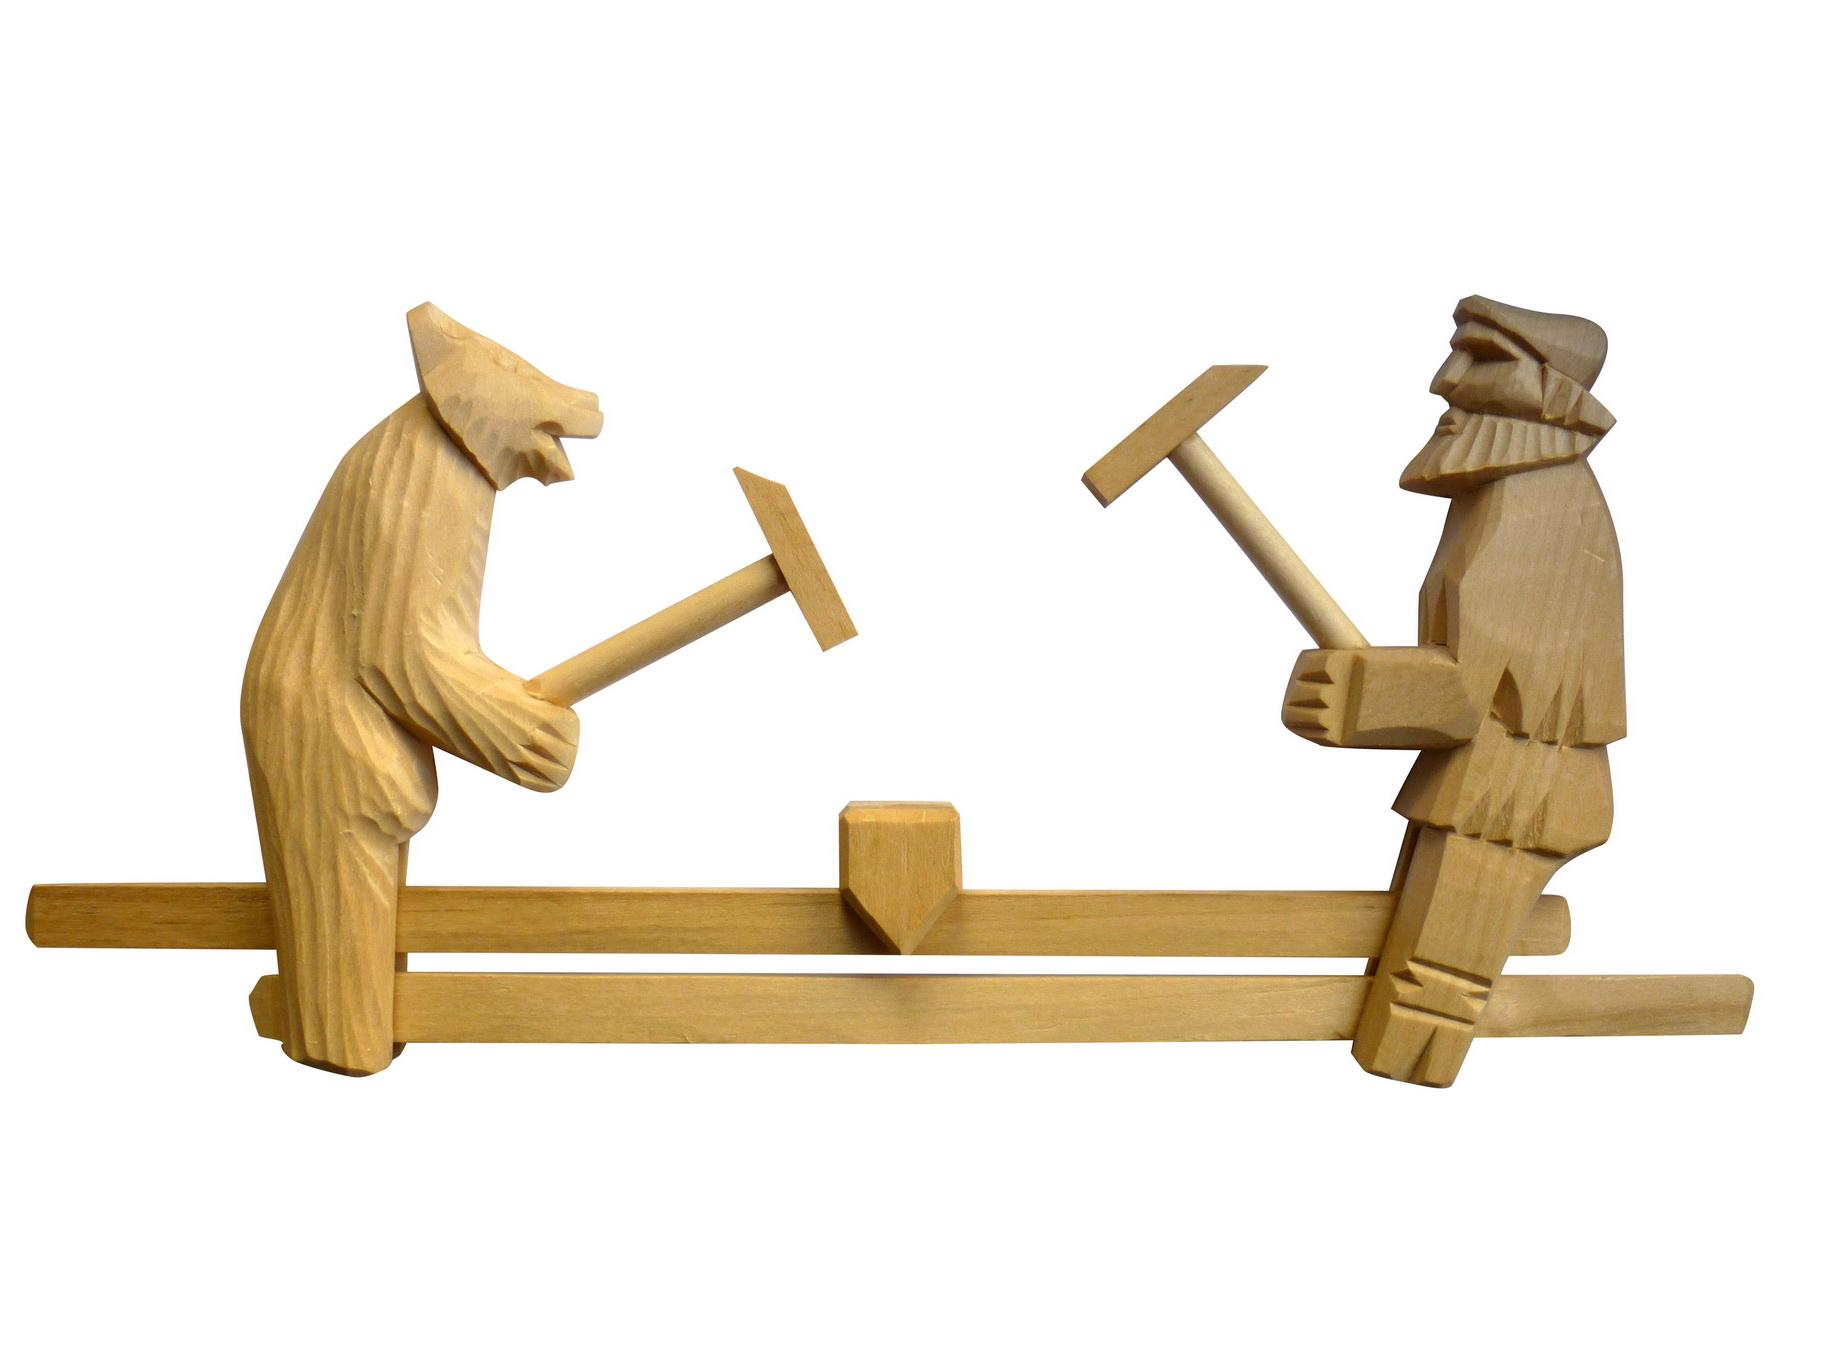 Картинка богородская игрушка для детей на прозрачном фоне